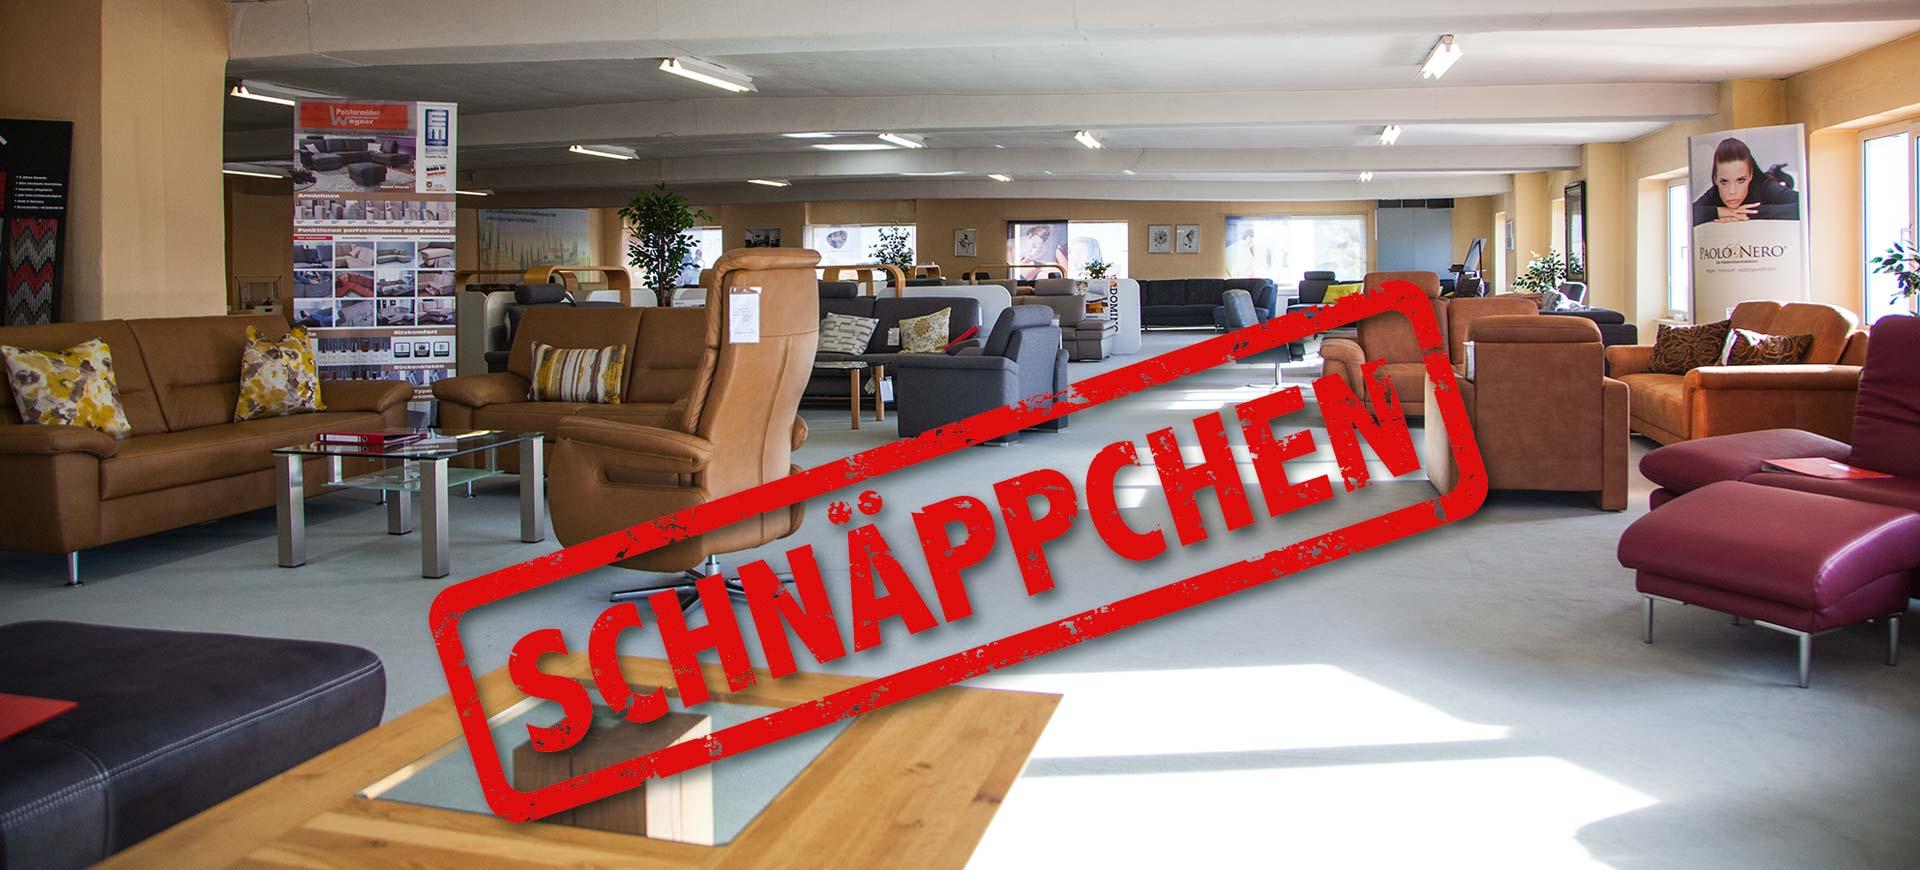 Günstige Sofas Angebote Ausstellungssofas Im Raum Traunstein